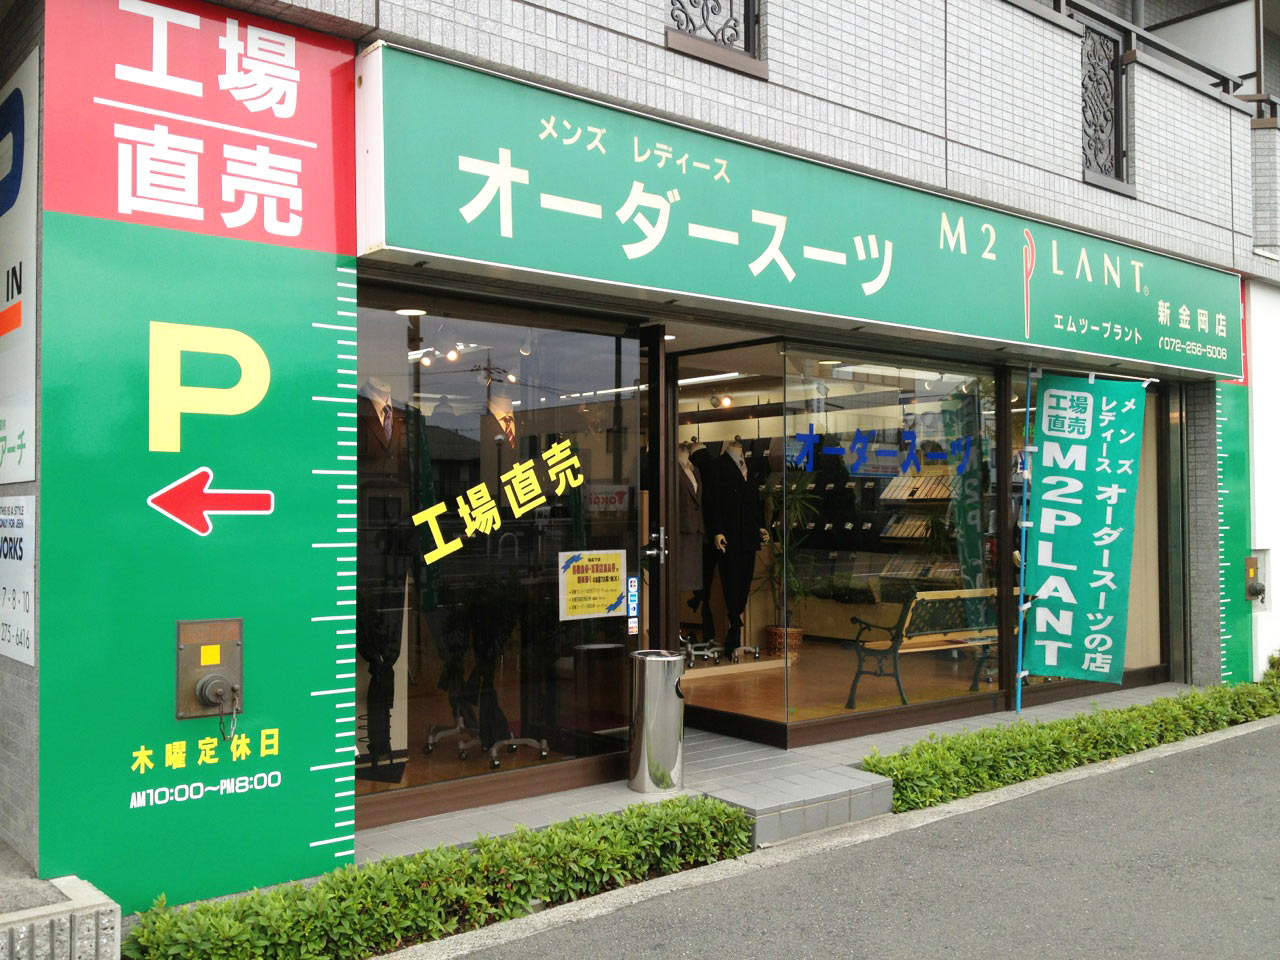 エムツープラント 新金岡店